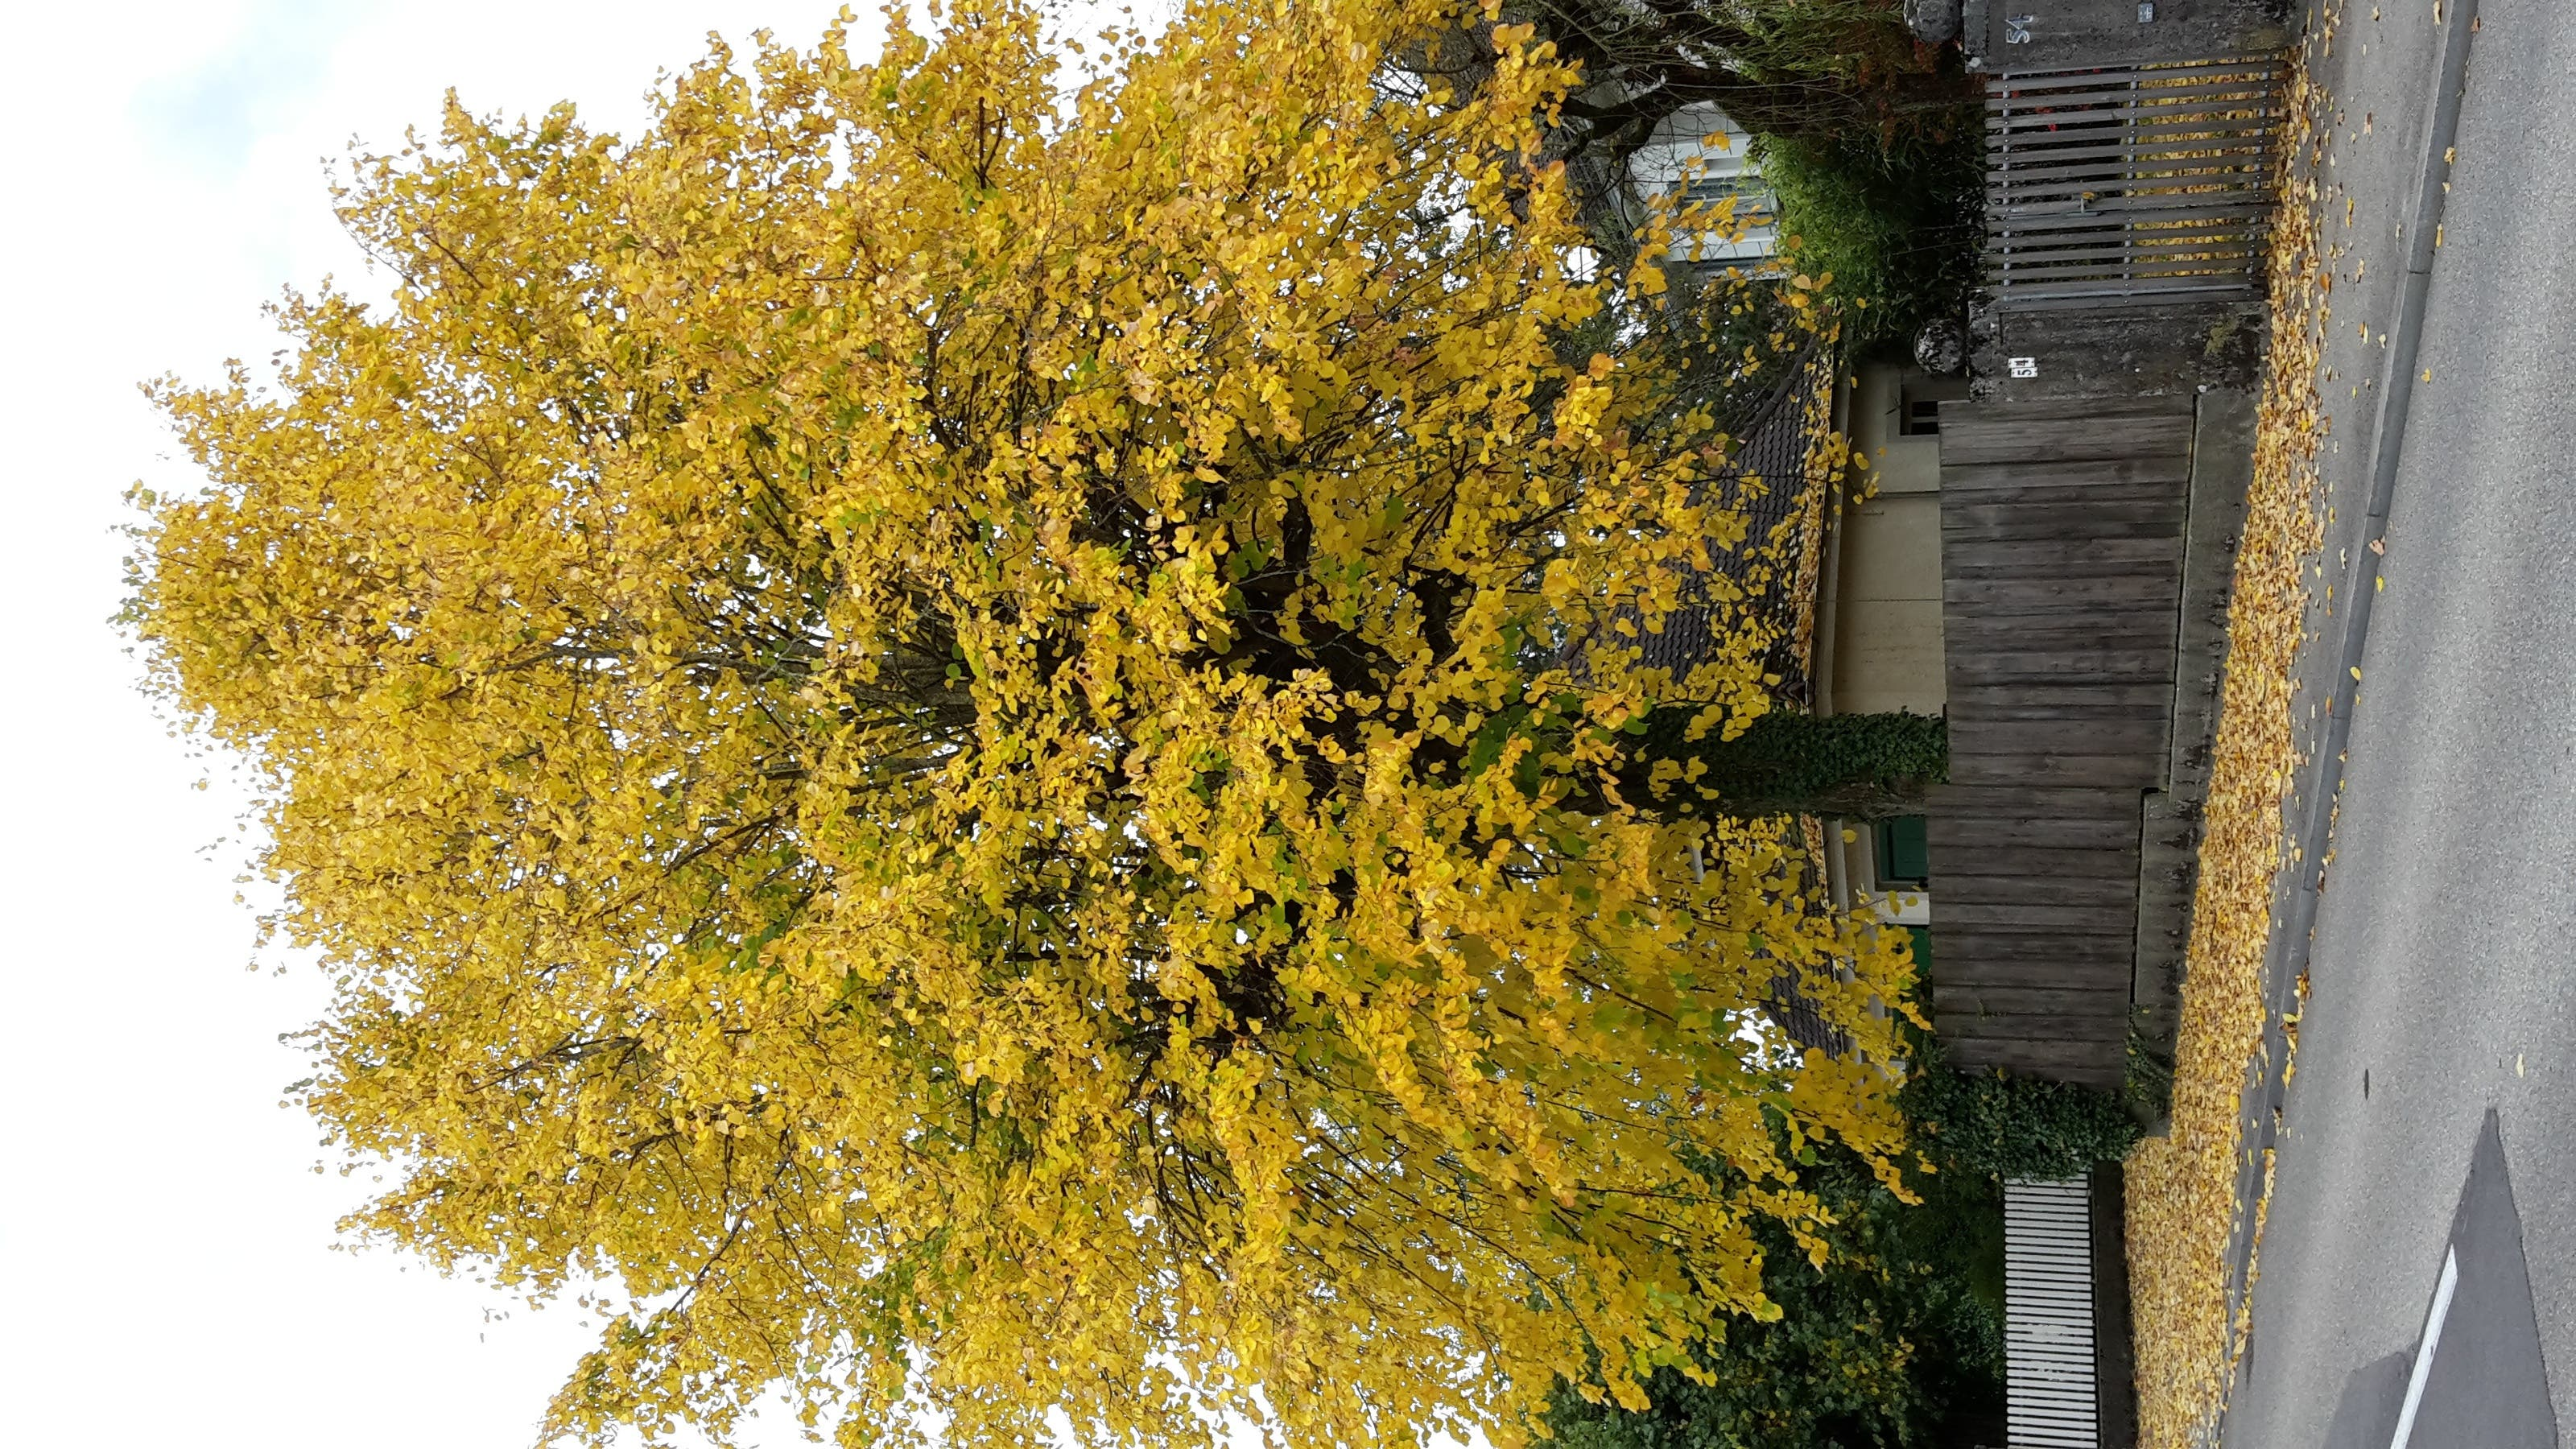 undefined Der goldene Herbst im wahrsten Sinn des Wortes. Einmalig von Mutter Natur vollbracht.